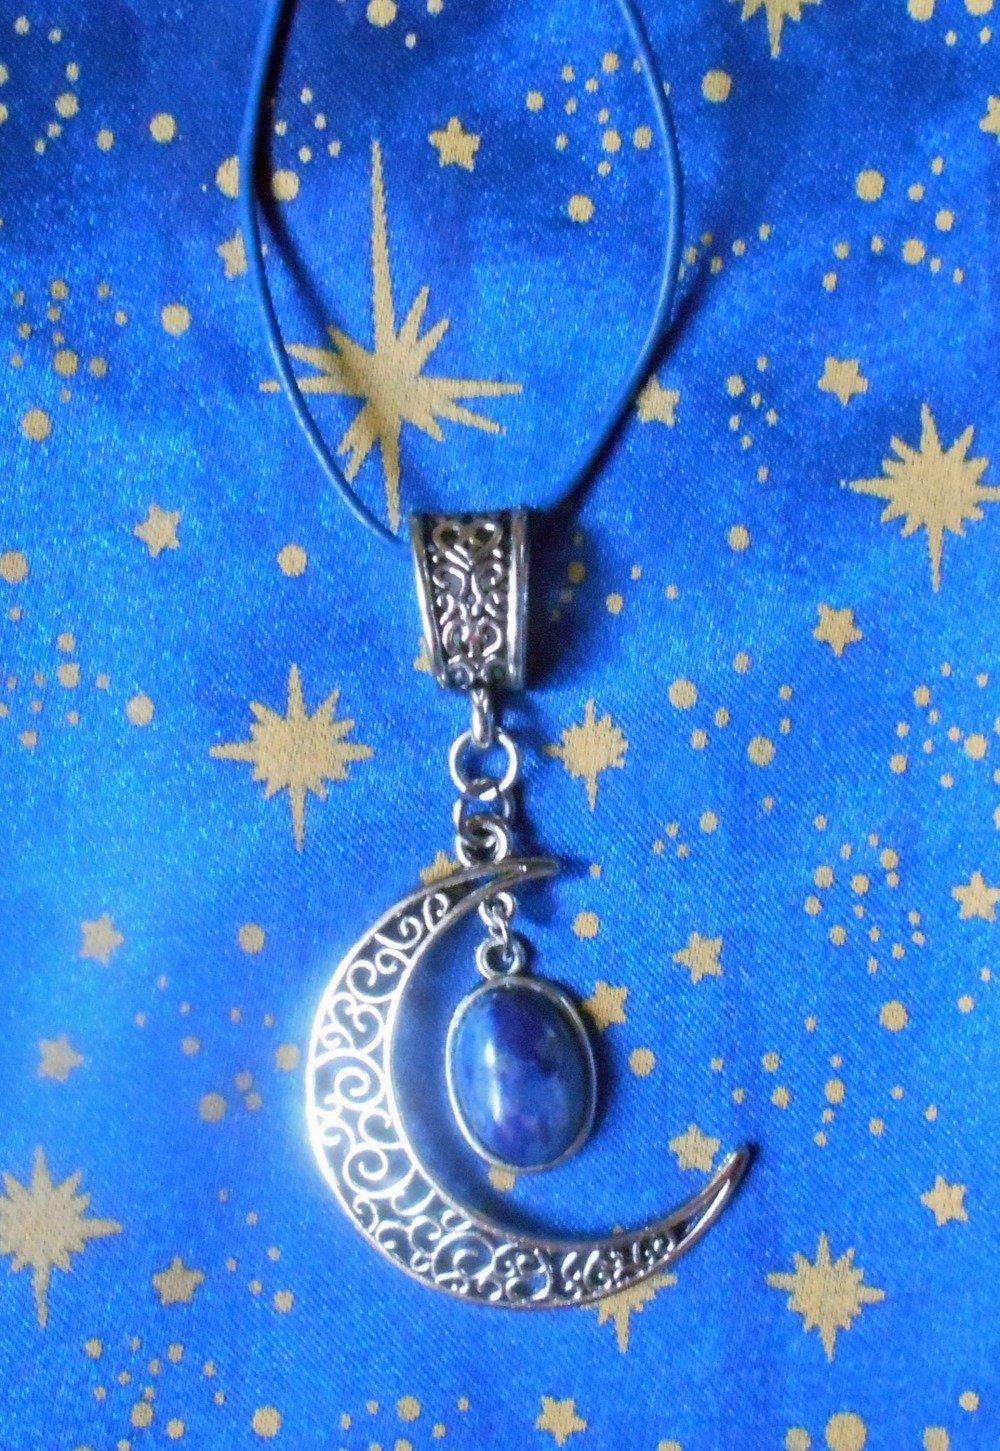 Pendentif en alliage argent/étain, forme lune, avec une sodalite de 10x14mm en provenance de Russie.